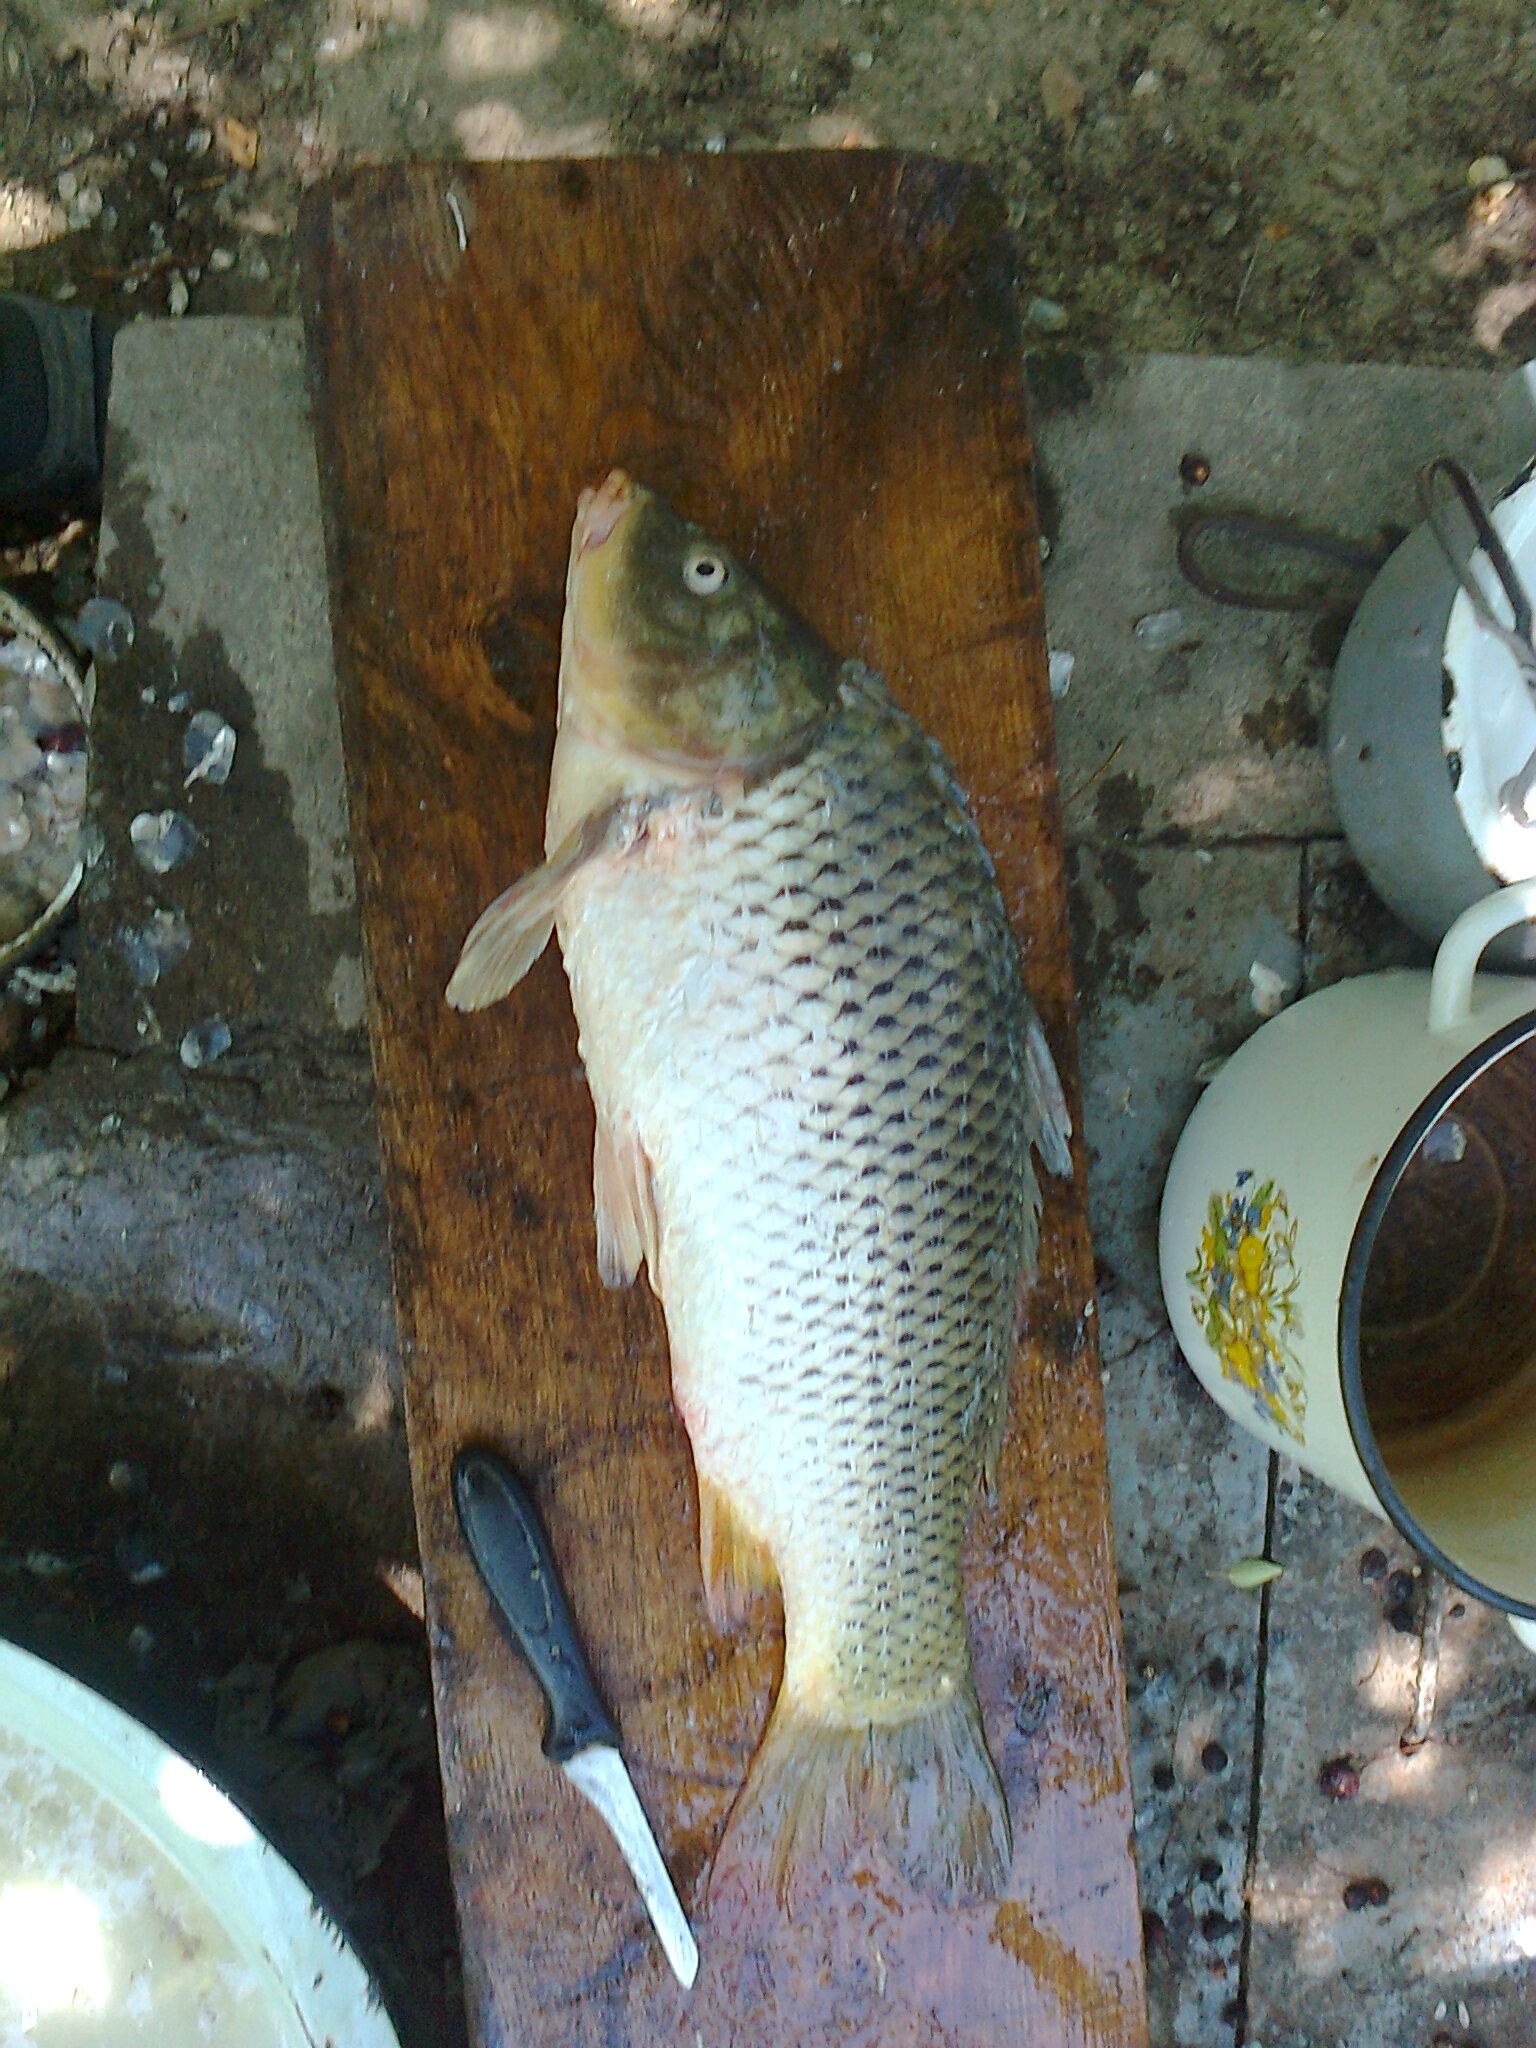 клюет ли рыба при низком давлении